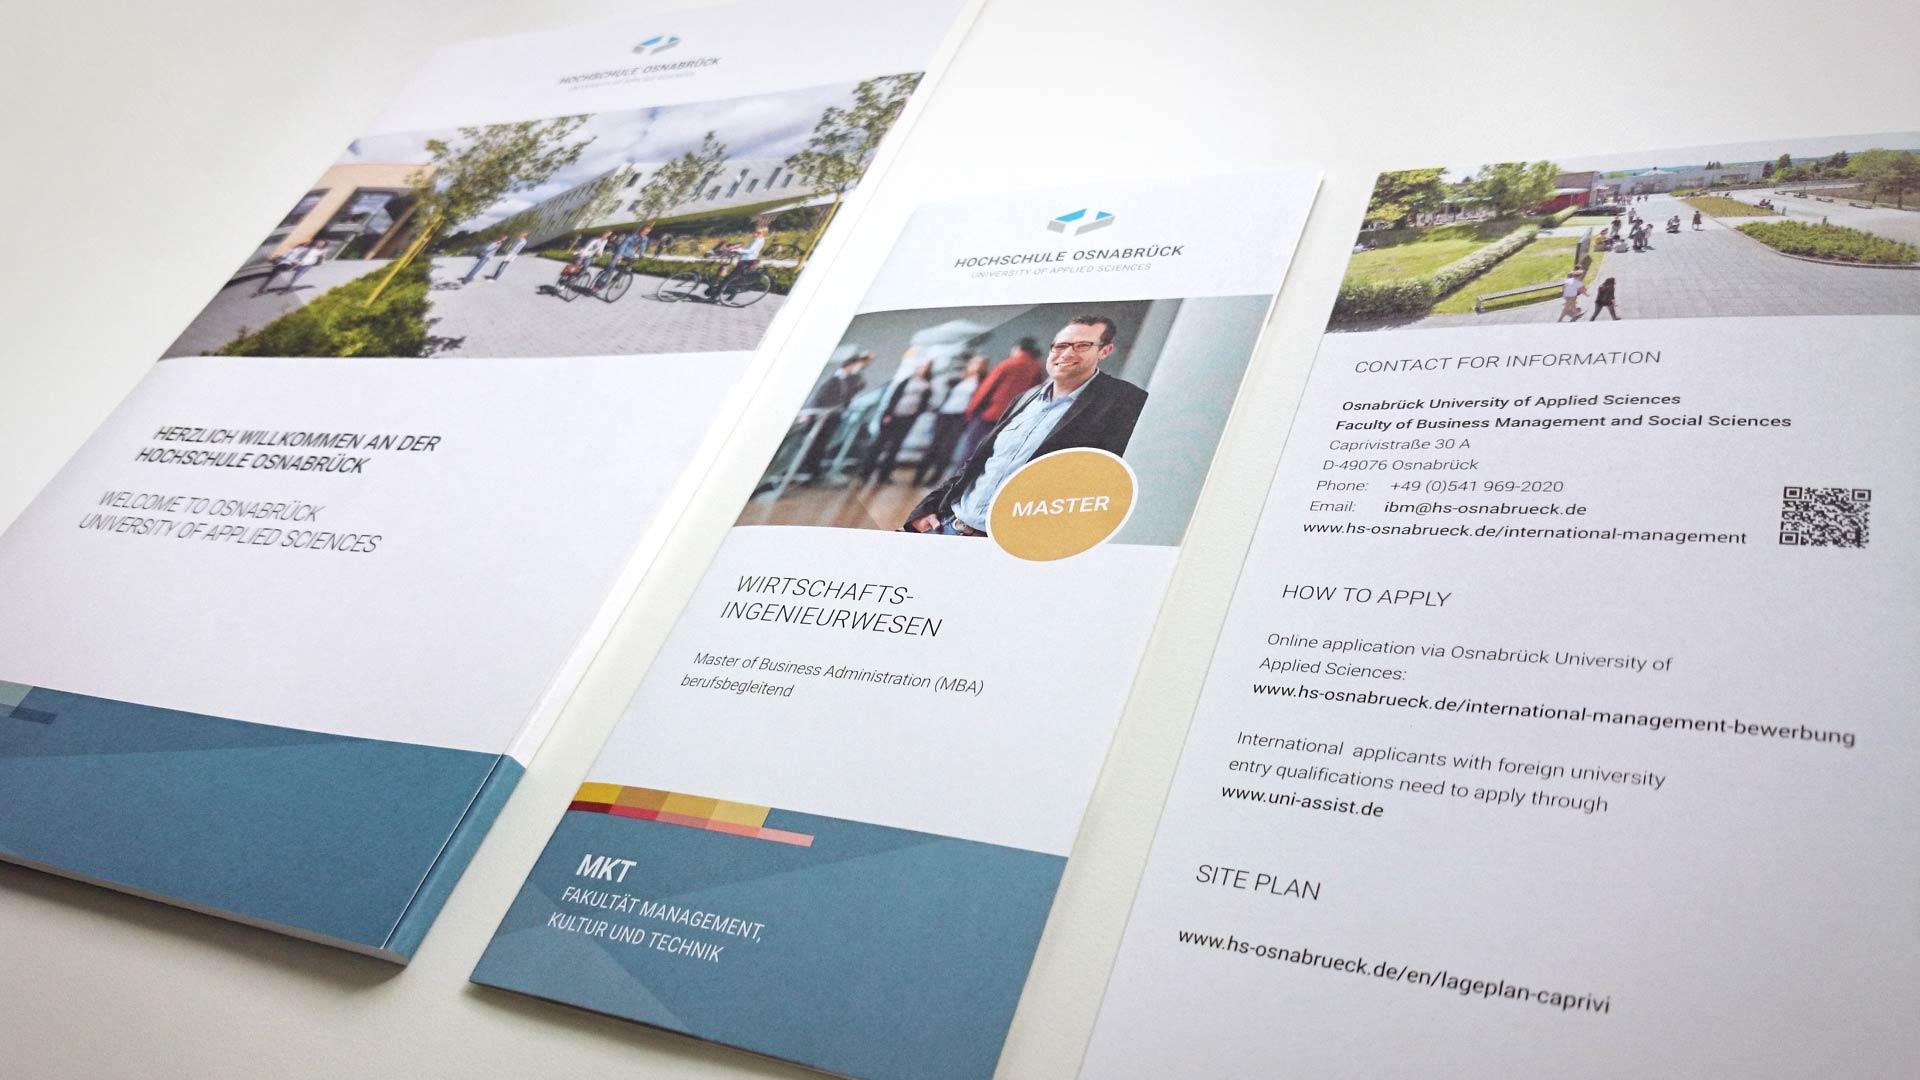 artventura-Projekt Corporate Design Entwicklung der Hochschule Osnabrück:Pressemappe und Flyer